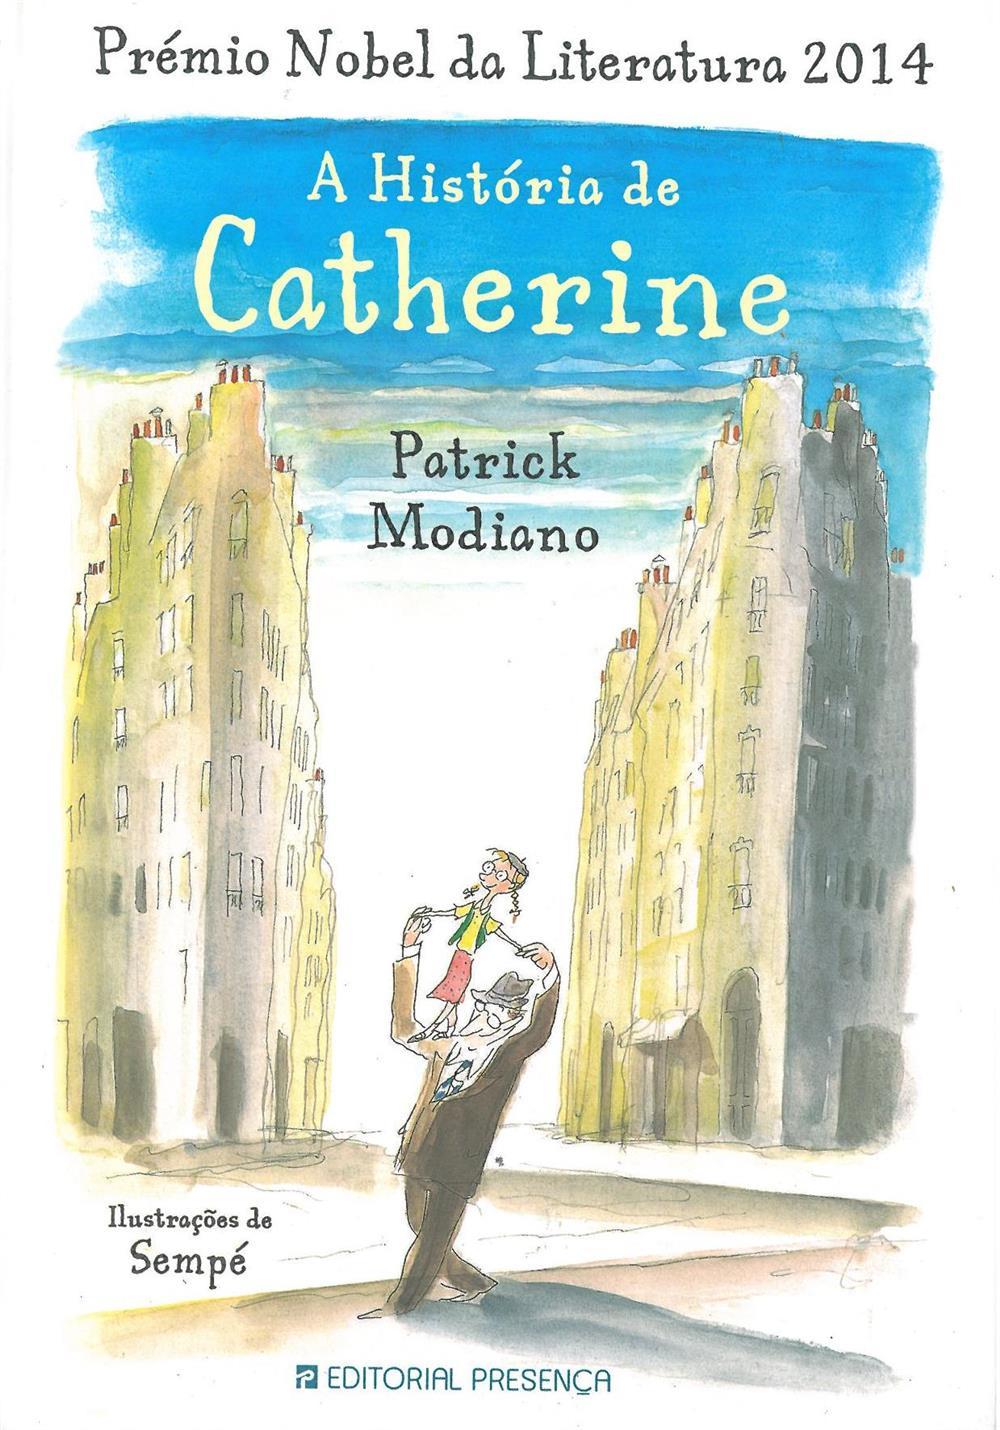 A história de Catherine_.jpg